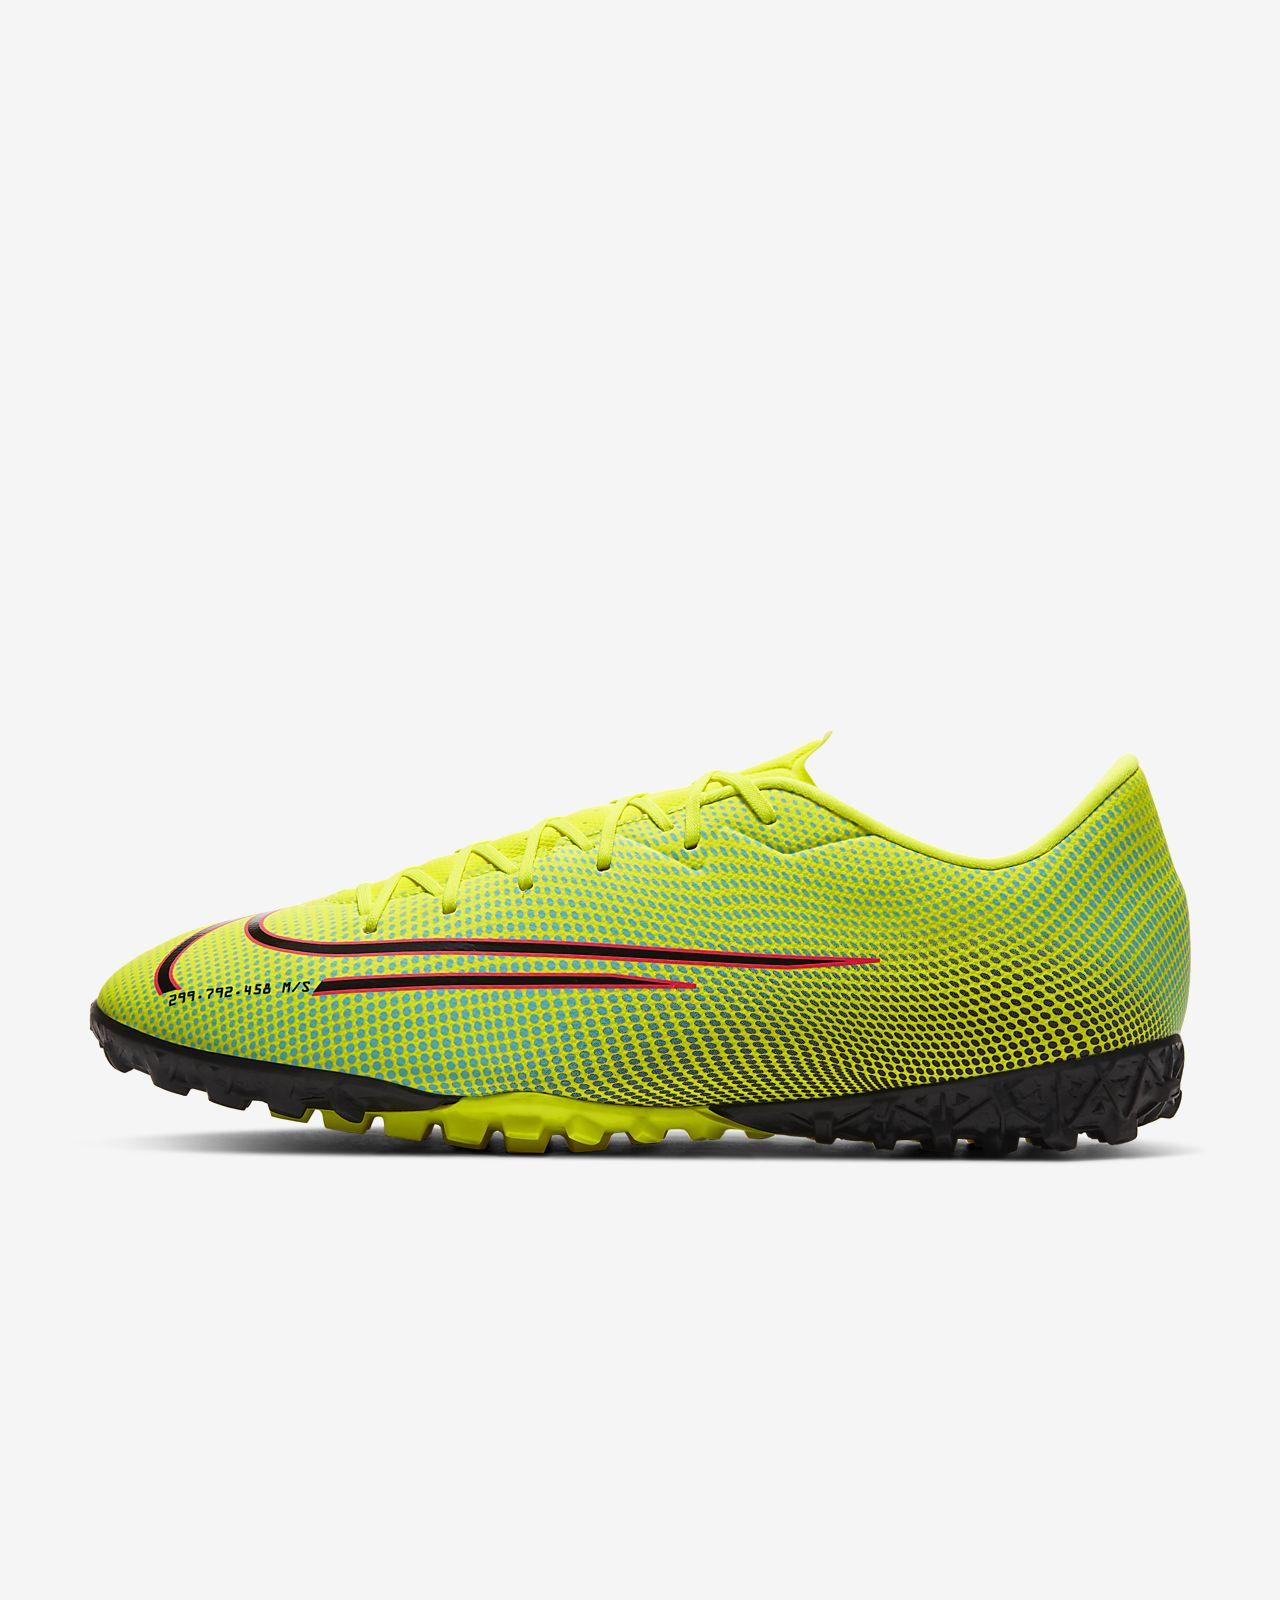 Megérkezett a csatárok új cipője a Nike tól, a Phantom Venom